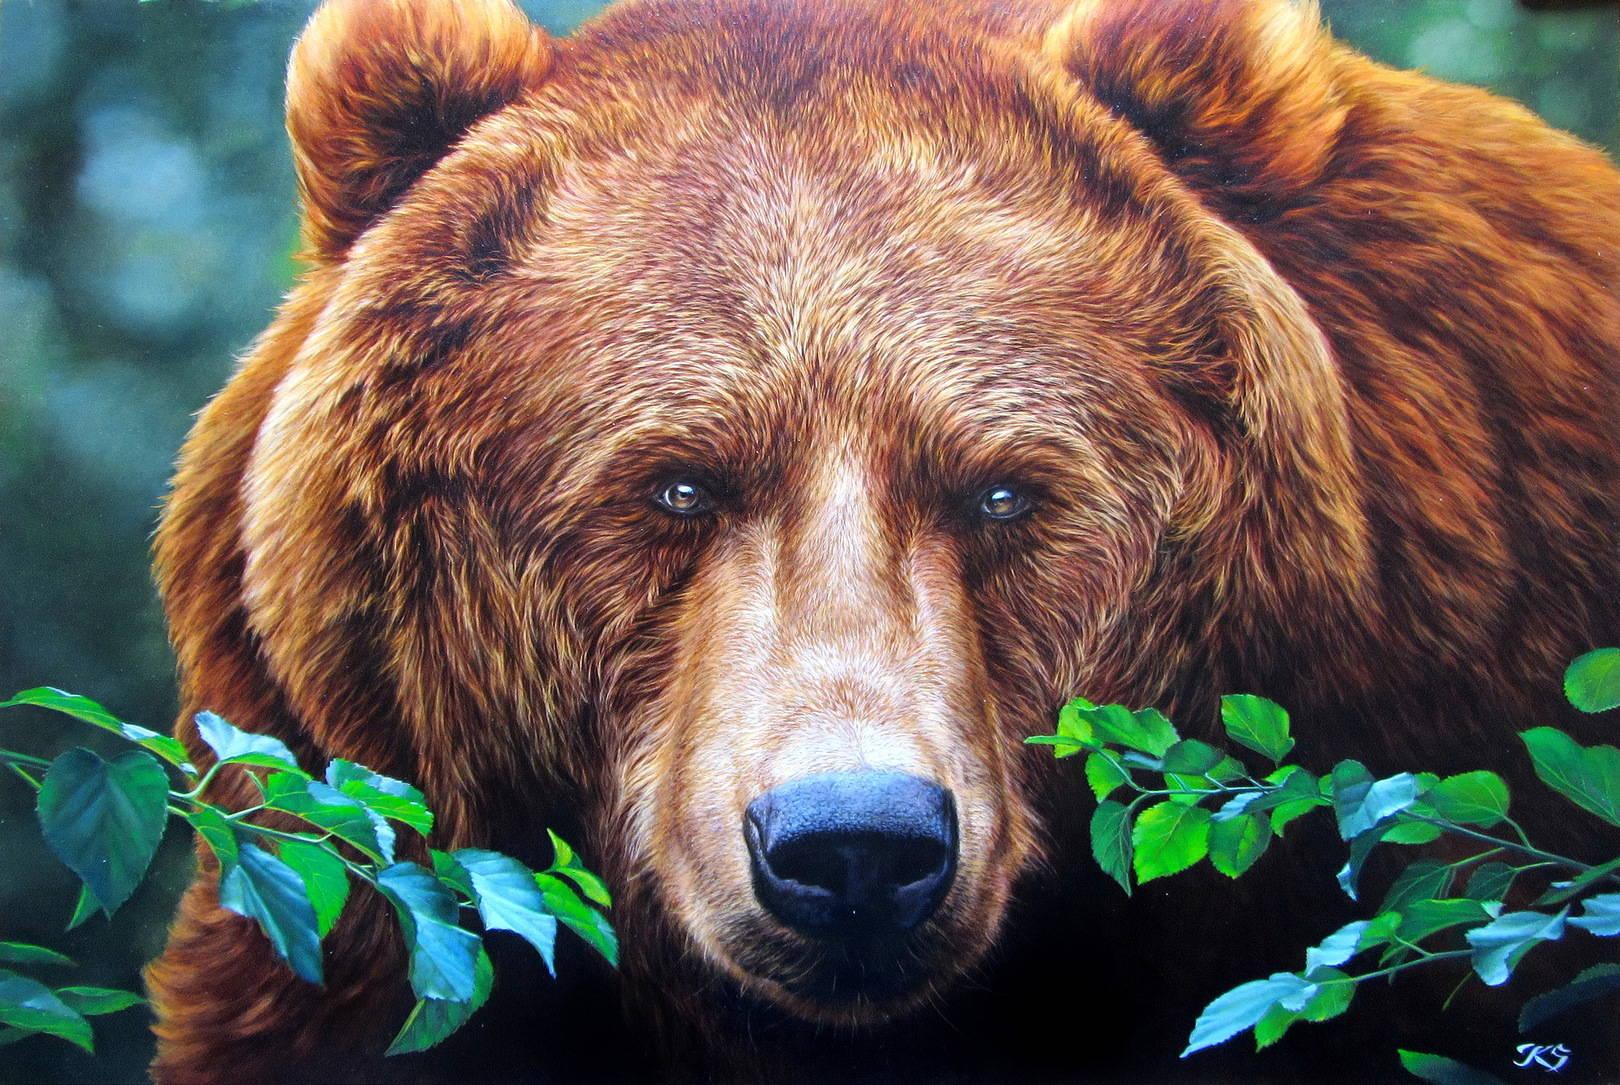 лишь красивые рисунки медведей рядом парк возле